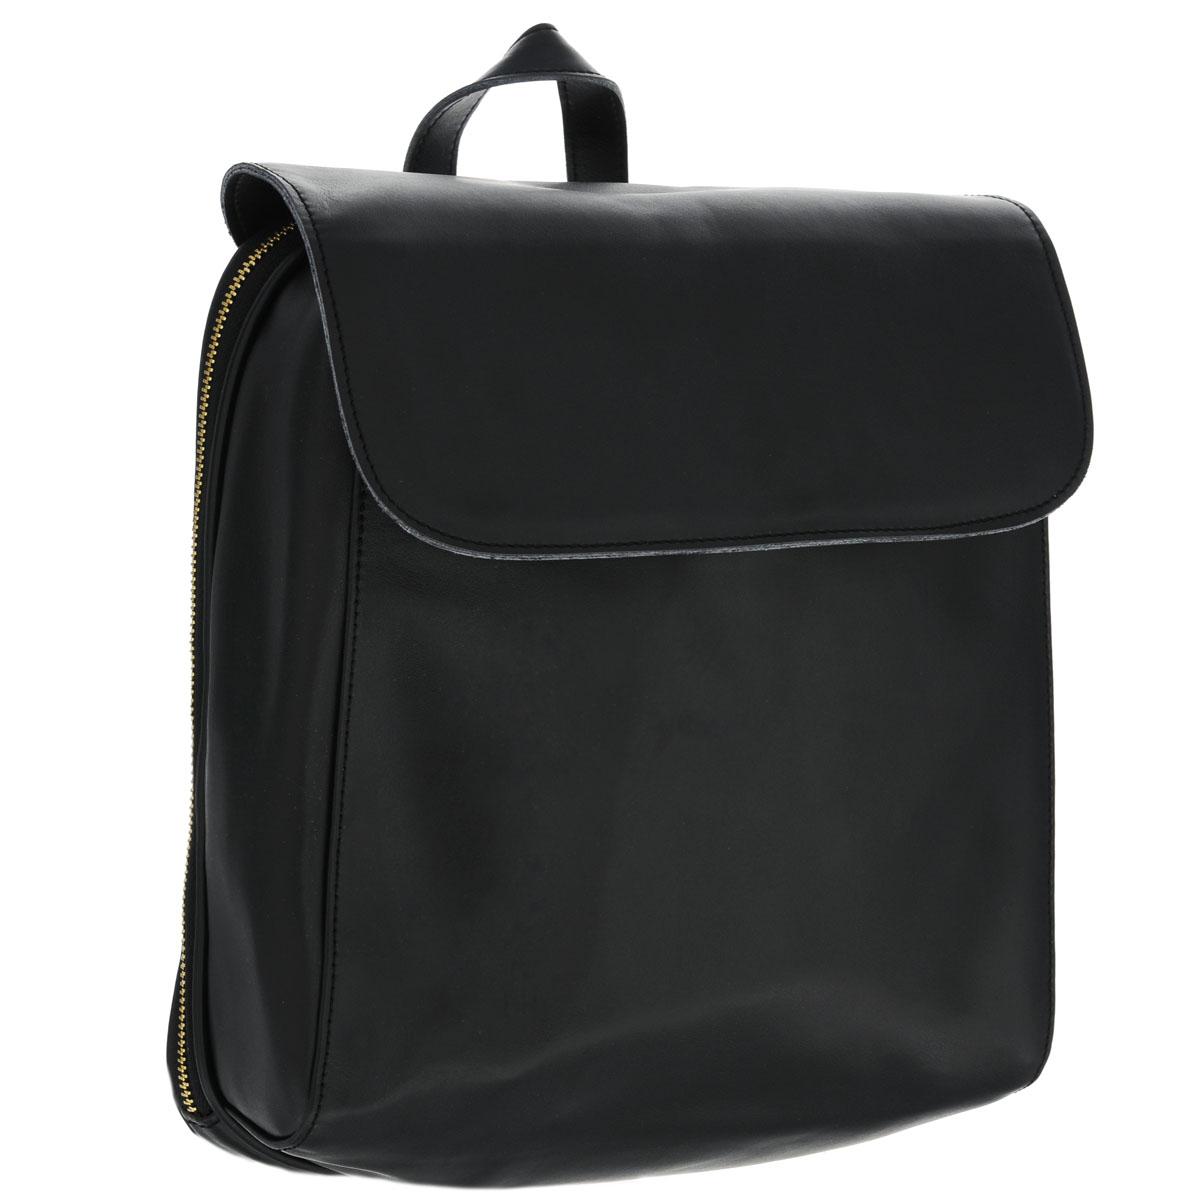 Рюкзак женский Fancys Bag, цвет: черный. 9531-04Z90 blackТрендовый женский рюкзак-сумка Fancys Bag изготовлен из натуральной кожи и исполнен в лаконичном стиле. Изделие закрывается клапаном на магнитную кнопку и дополнительно на застежку-молнию. Вместительное внутреннее отделение, разделенное средником на молнии, содержит два накладных кармашка для мелочей, мобильного телефона и врезной карман на застежке-молнии. Обратная сторона дополнена врезным карманом на магнитной кнопке. Сумка оснащена ручкой-переноской и плечевыми лямками регулируемой длины. В комплект с рюкзаком входит стильный фирменный чехол.Модный рюкзак-сумка не только покорит своим удобством, но и позволит вам взять с собой в поездку все необходимые вещи.Характеристики:Длина плечевого ремня: 66,5 см.Высота ручки-переноски: 9 см.